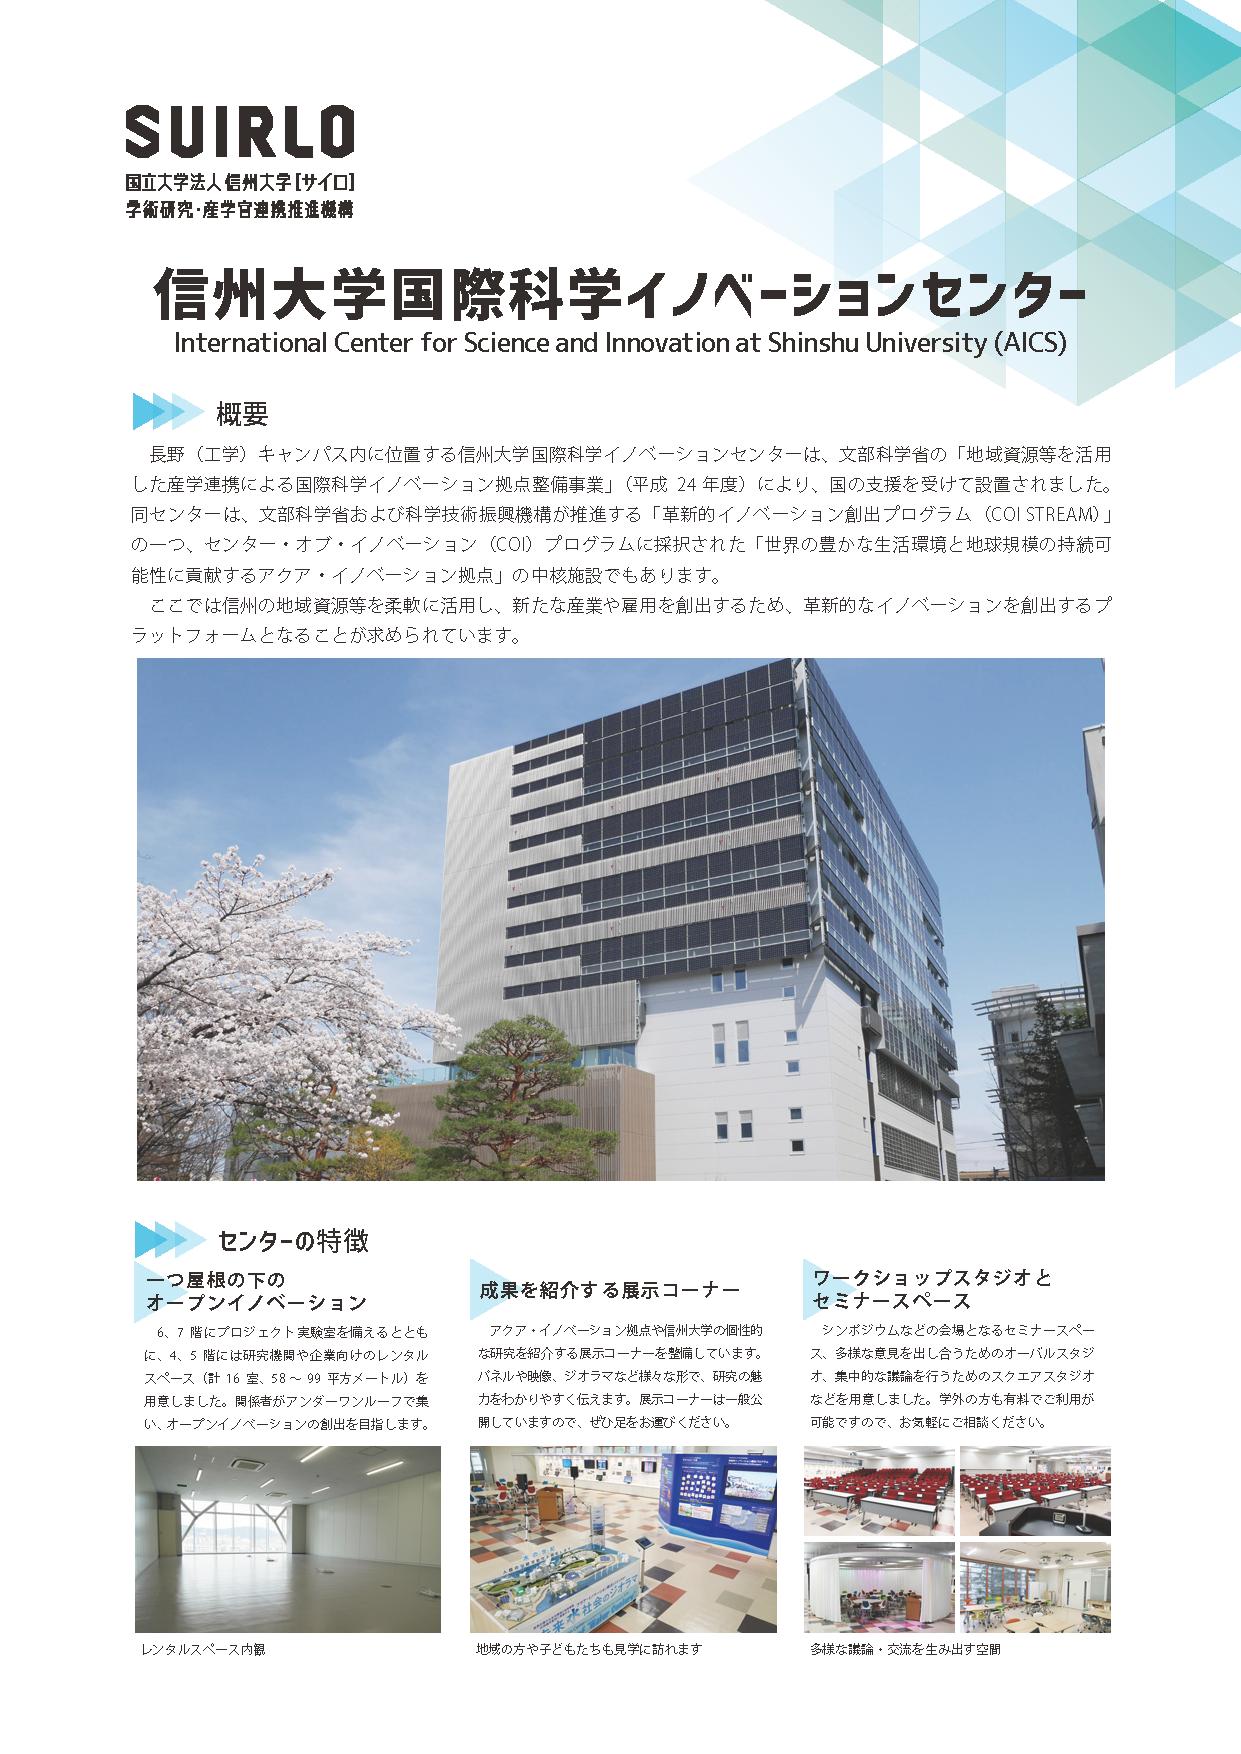 アイキャッチ画像:信州大学国際科学イノベーションセンター